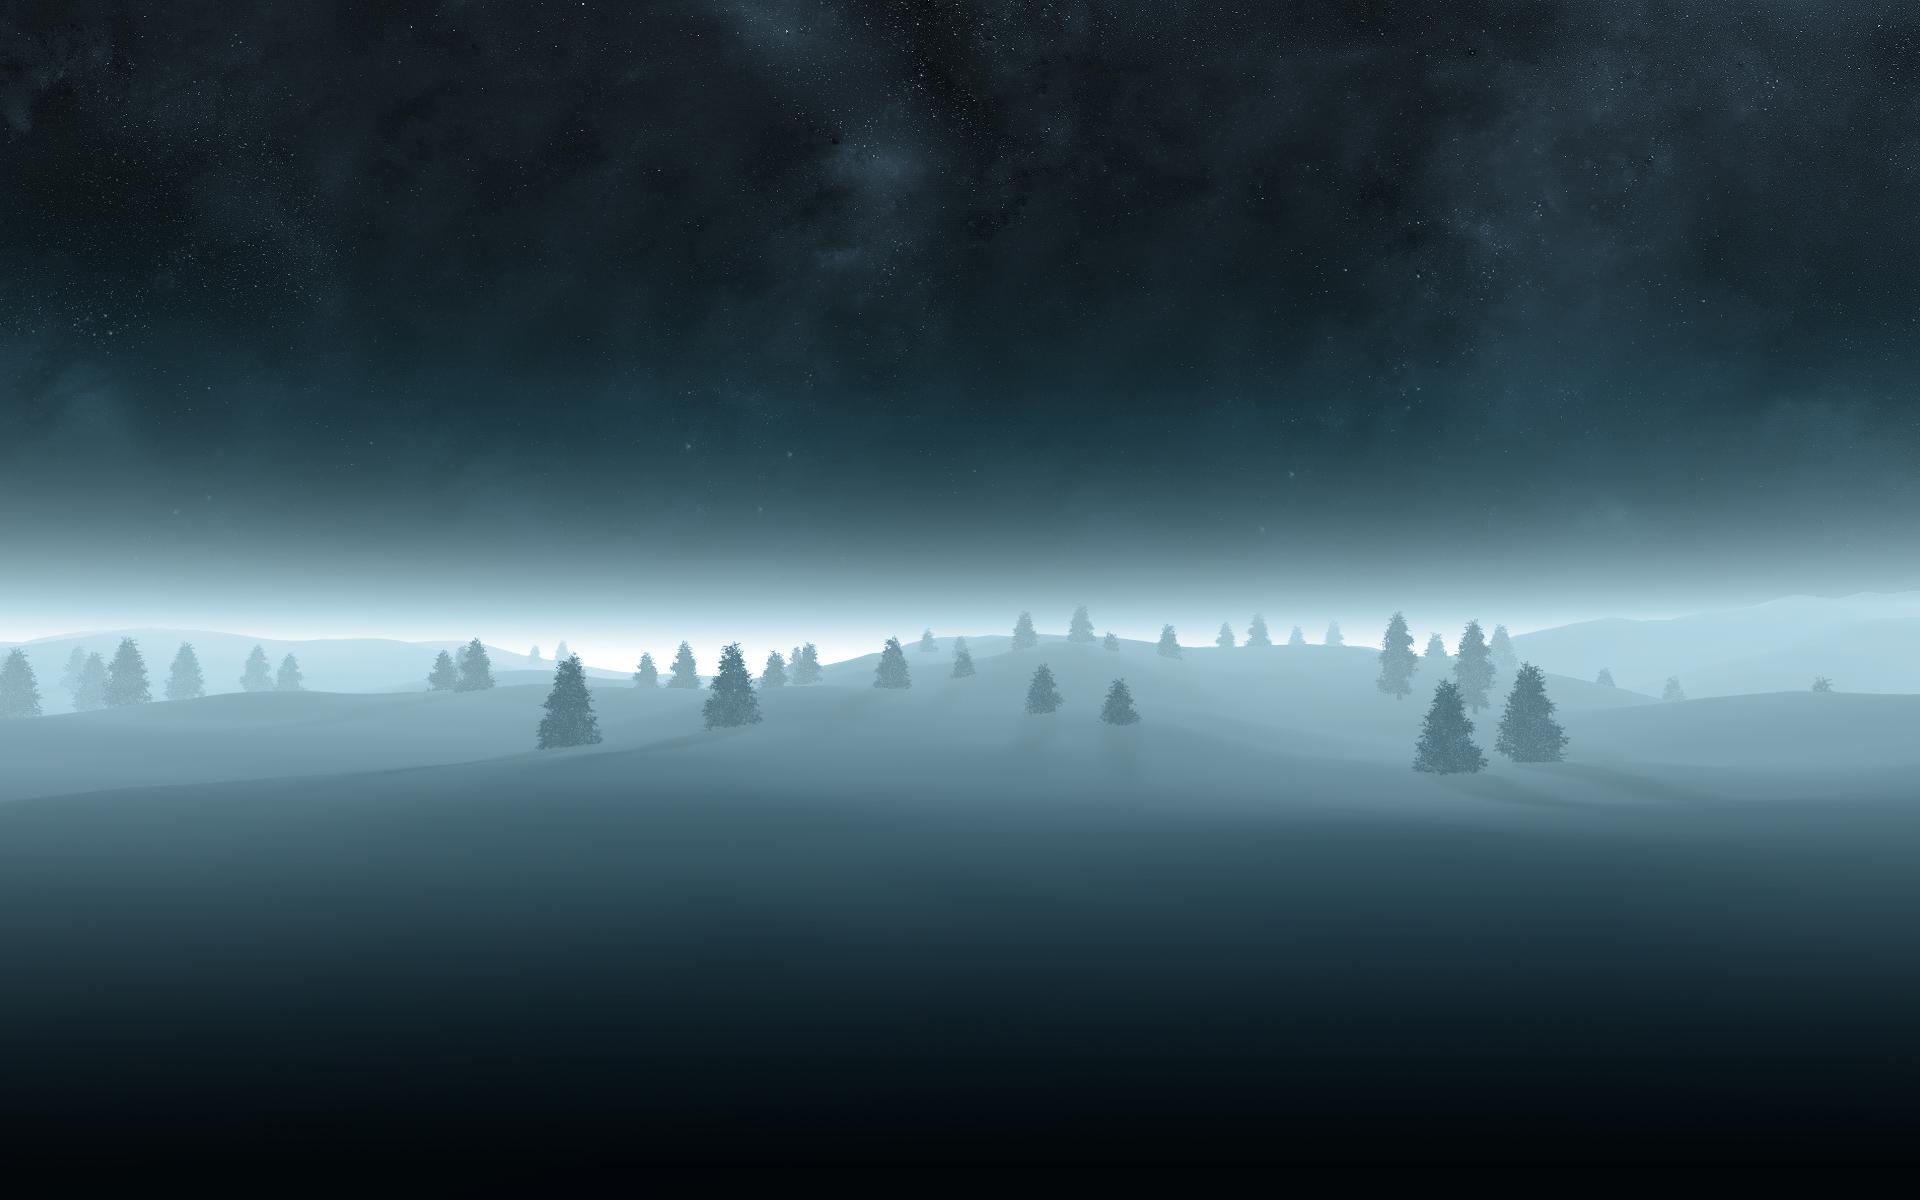 Зима, красивое фото, обои, скачать